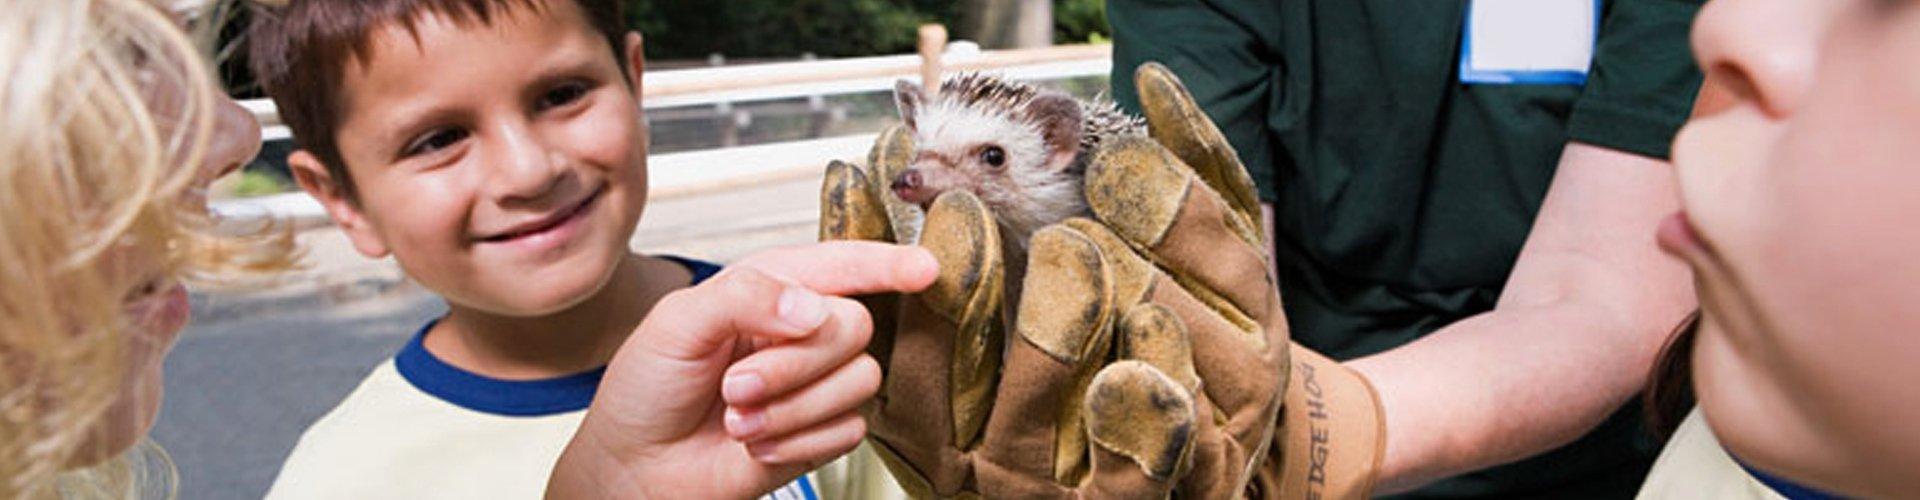 Hedgehog being held by a school kid